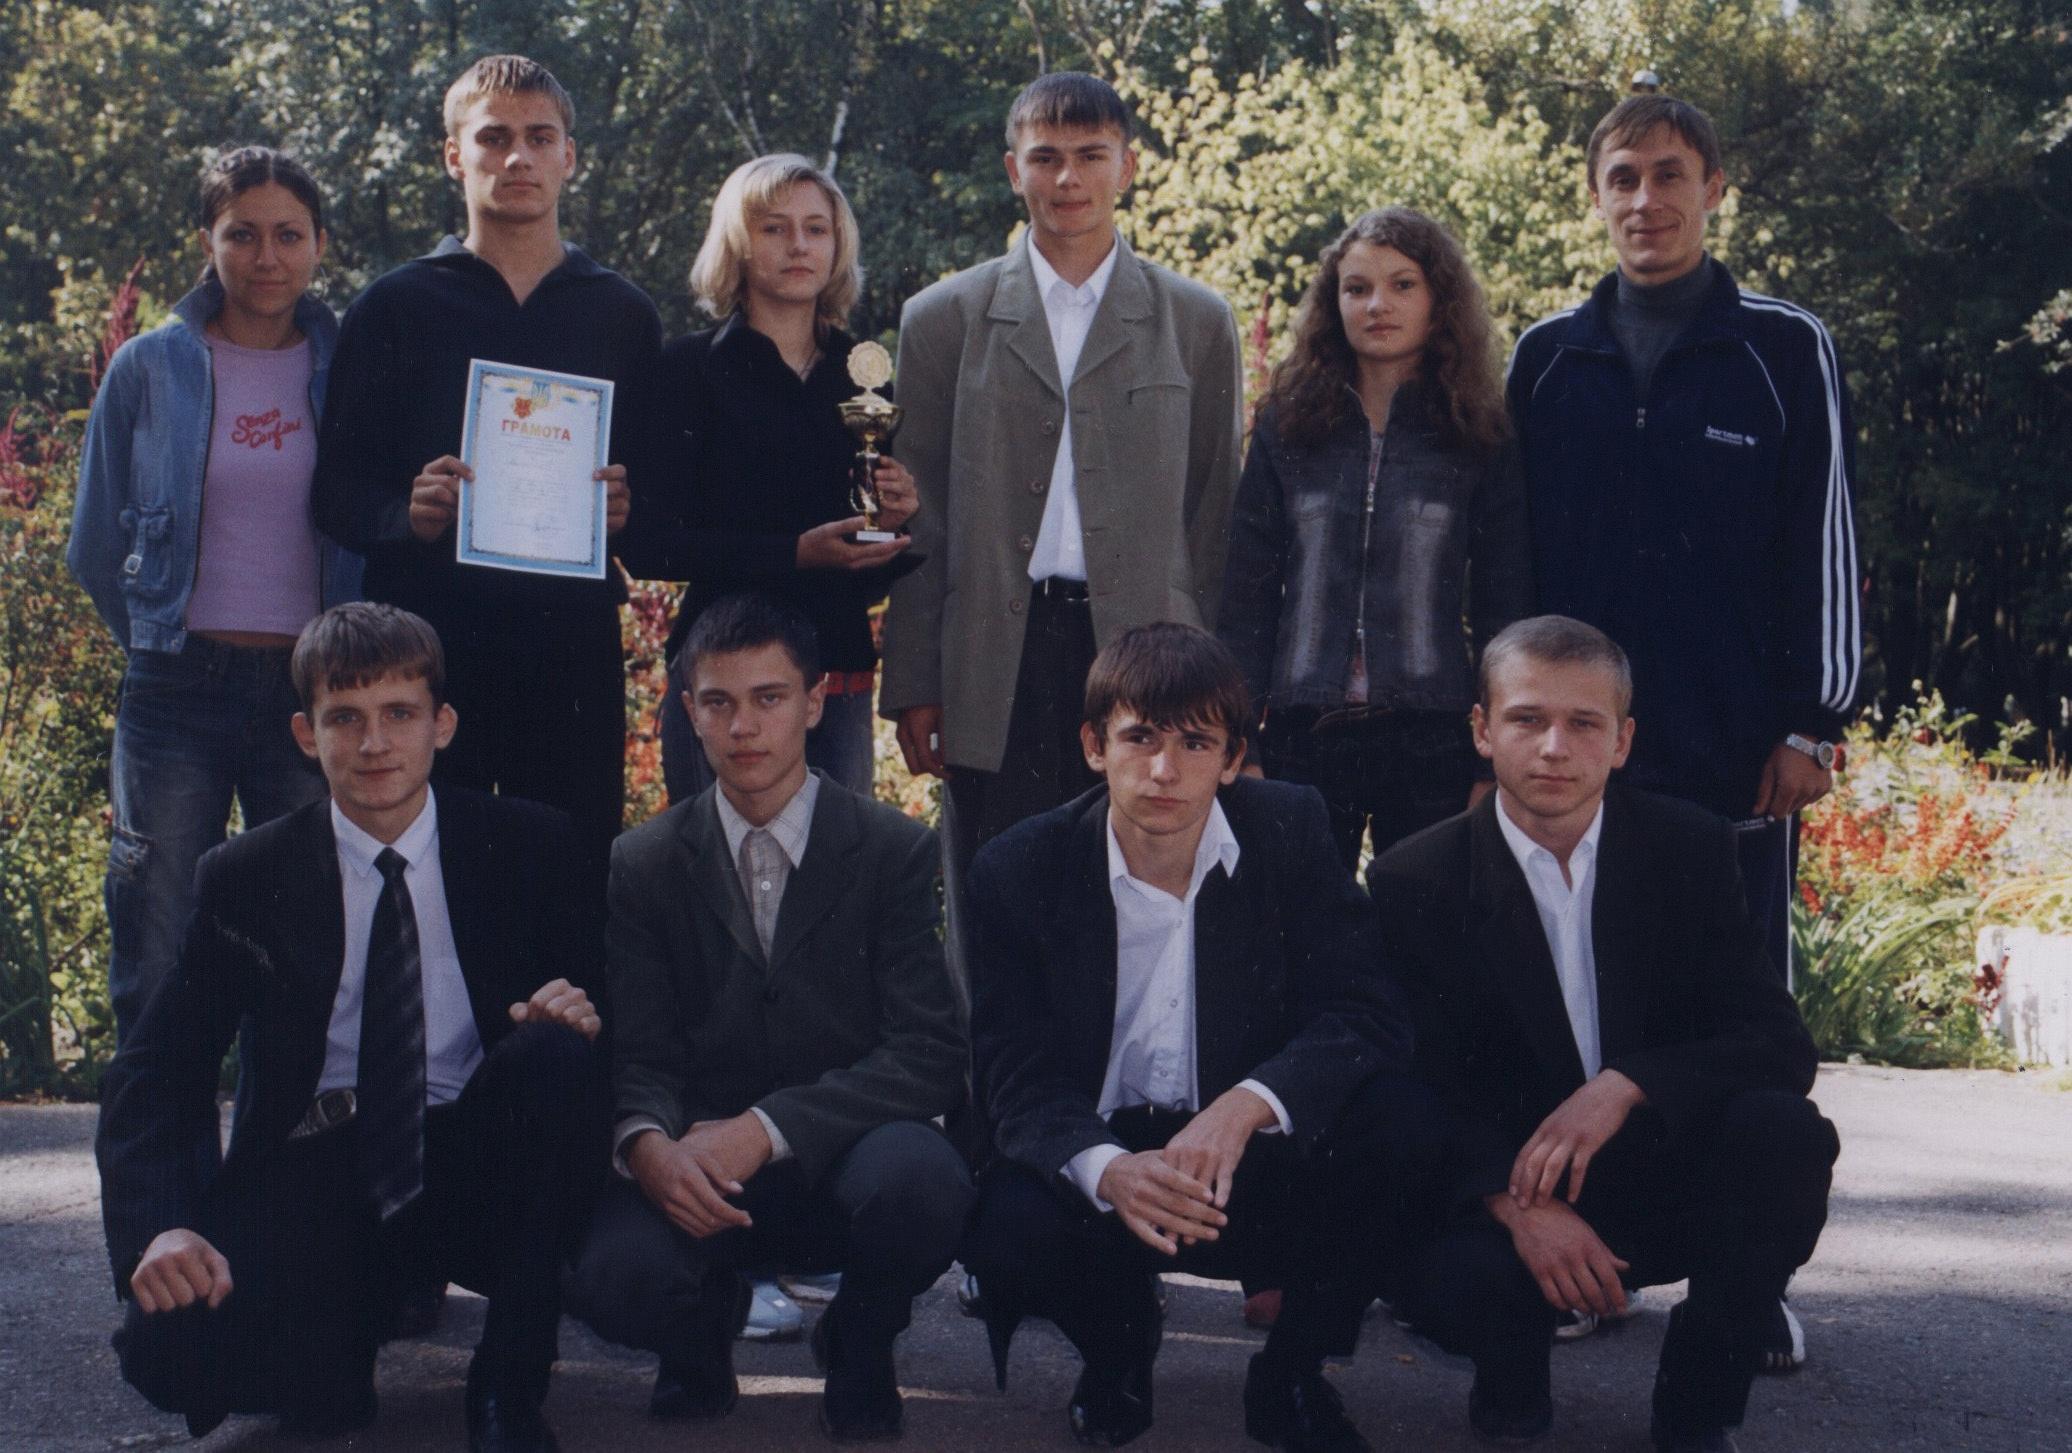 Полтавська гімназія 9 Випуск 2005 Переможці Міжнародного математичного конкурсу «Кенгуру»